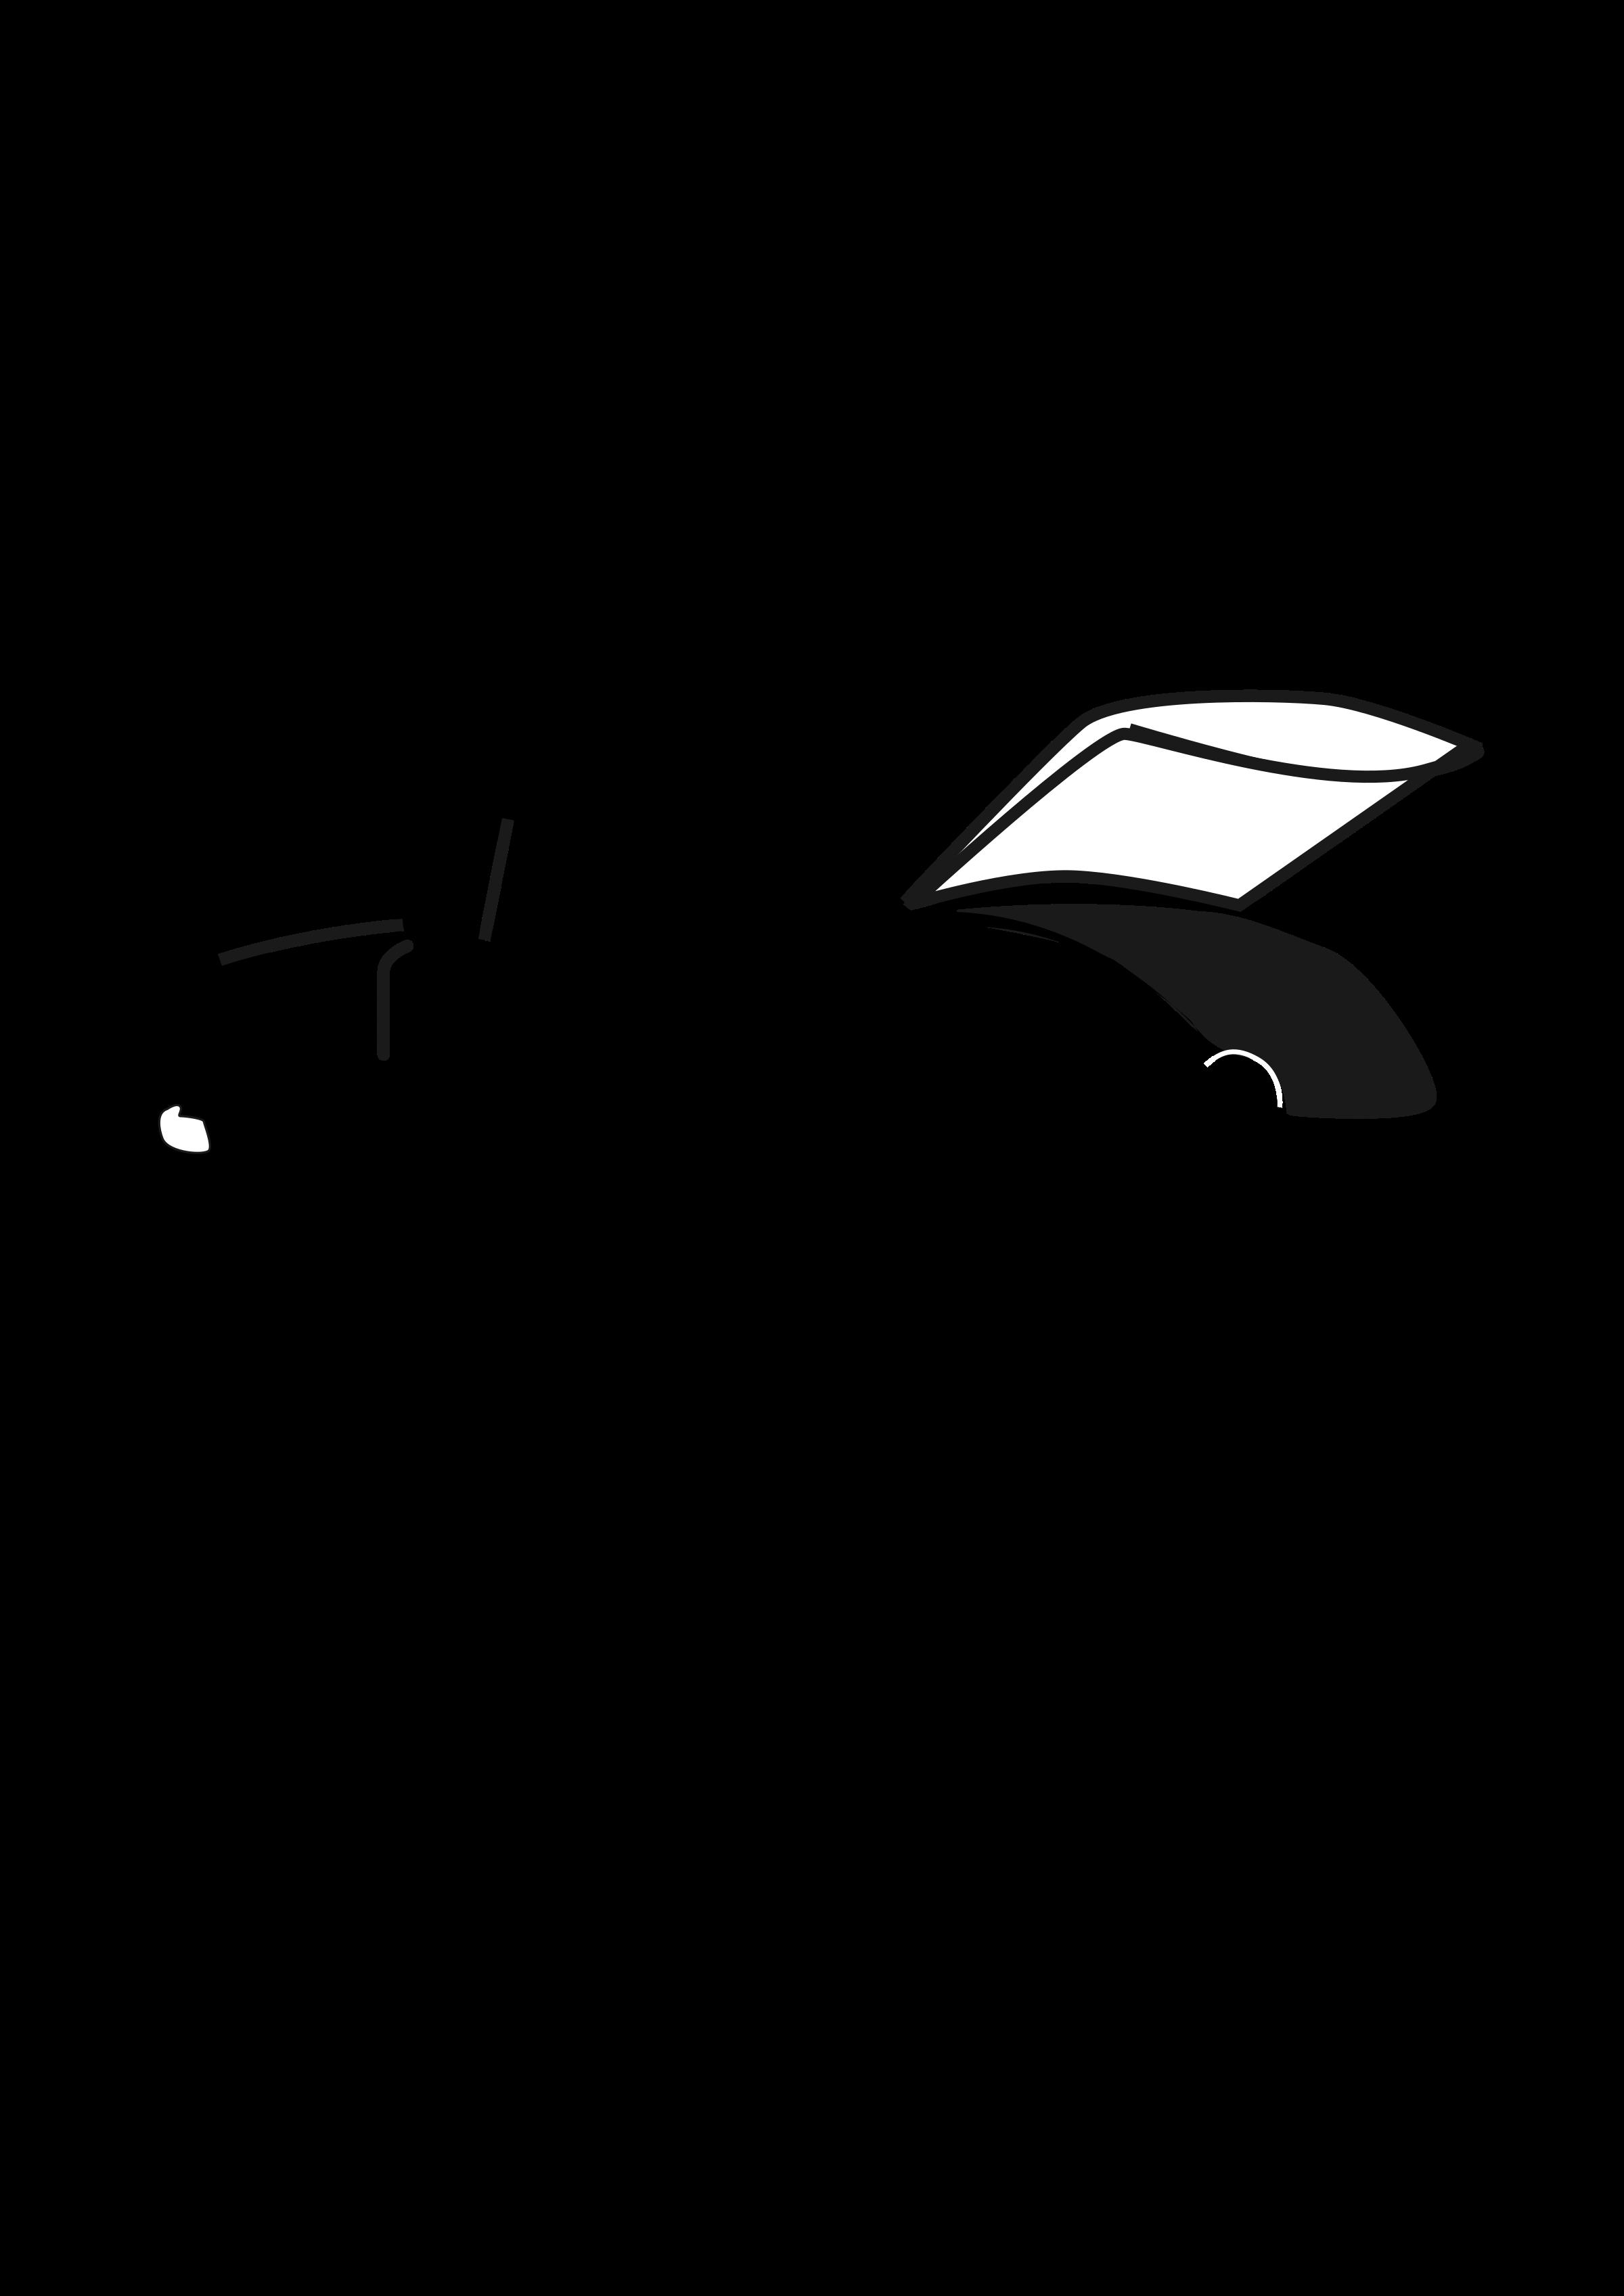 Mechanic clipart car bonnet, Mechanic car bonnet Transparent.